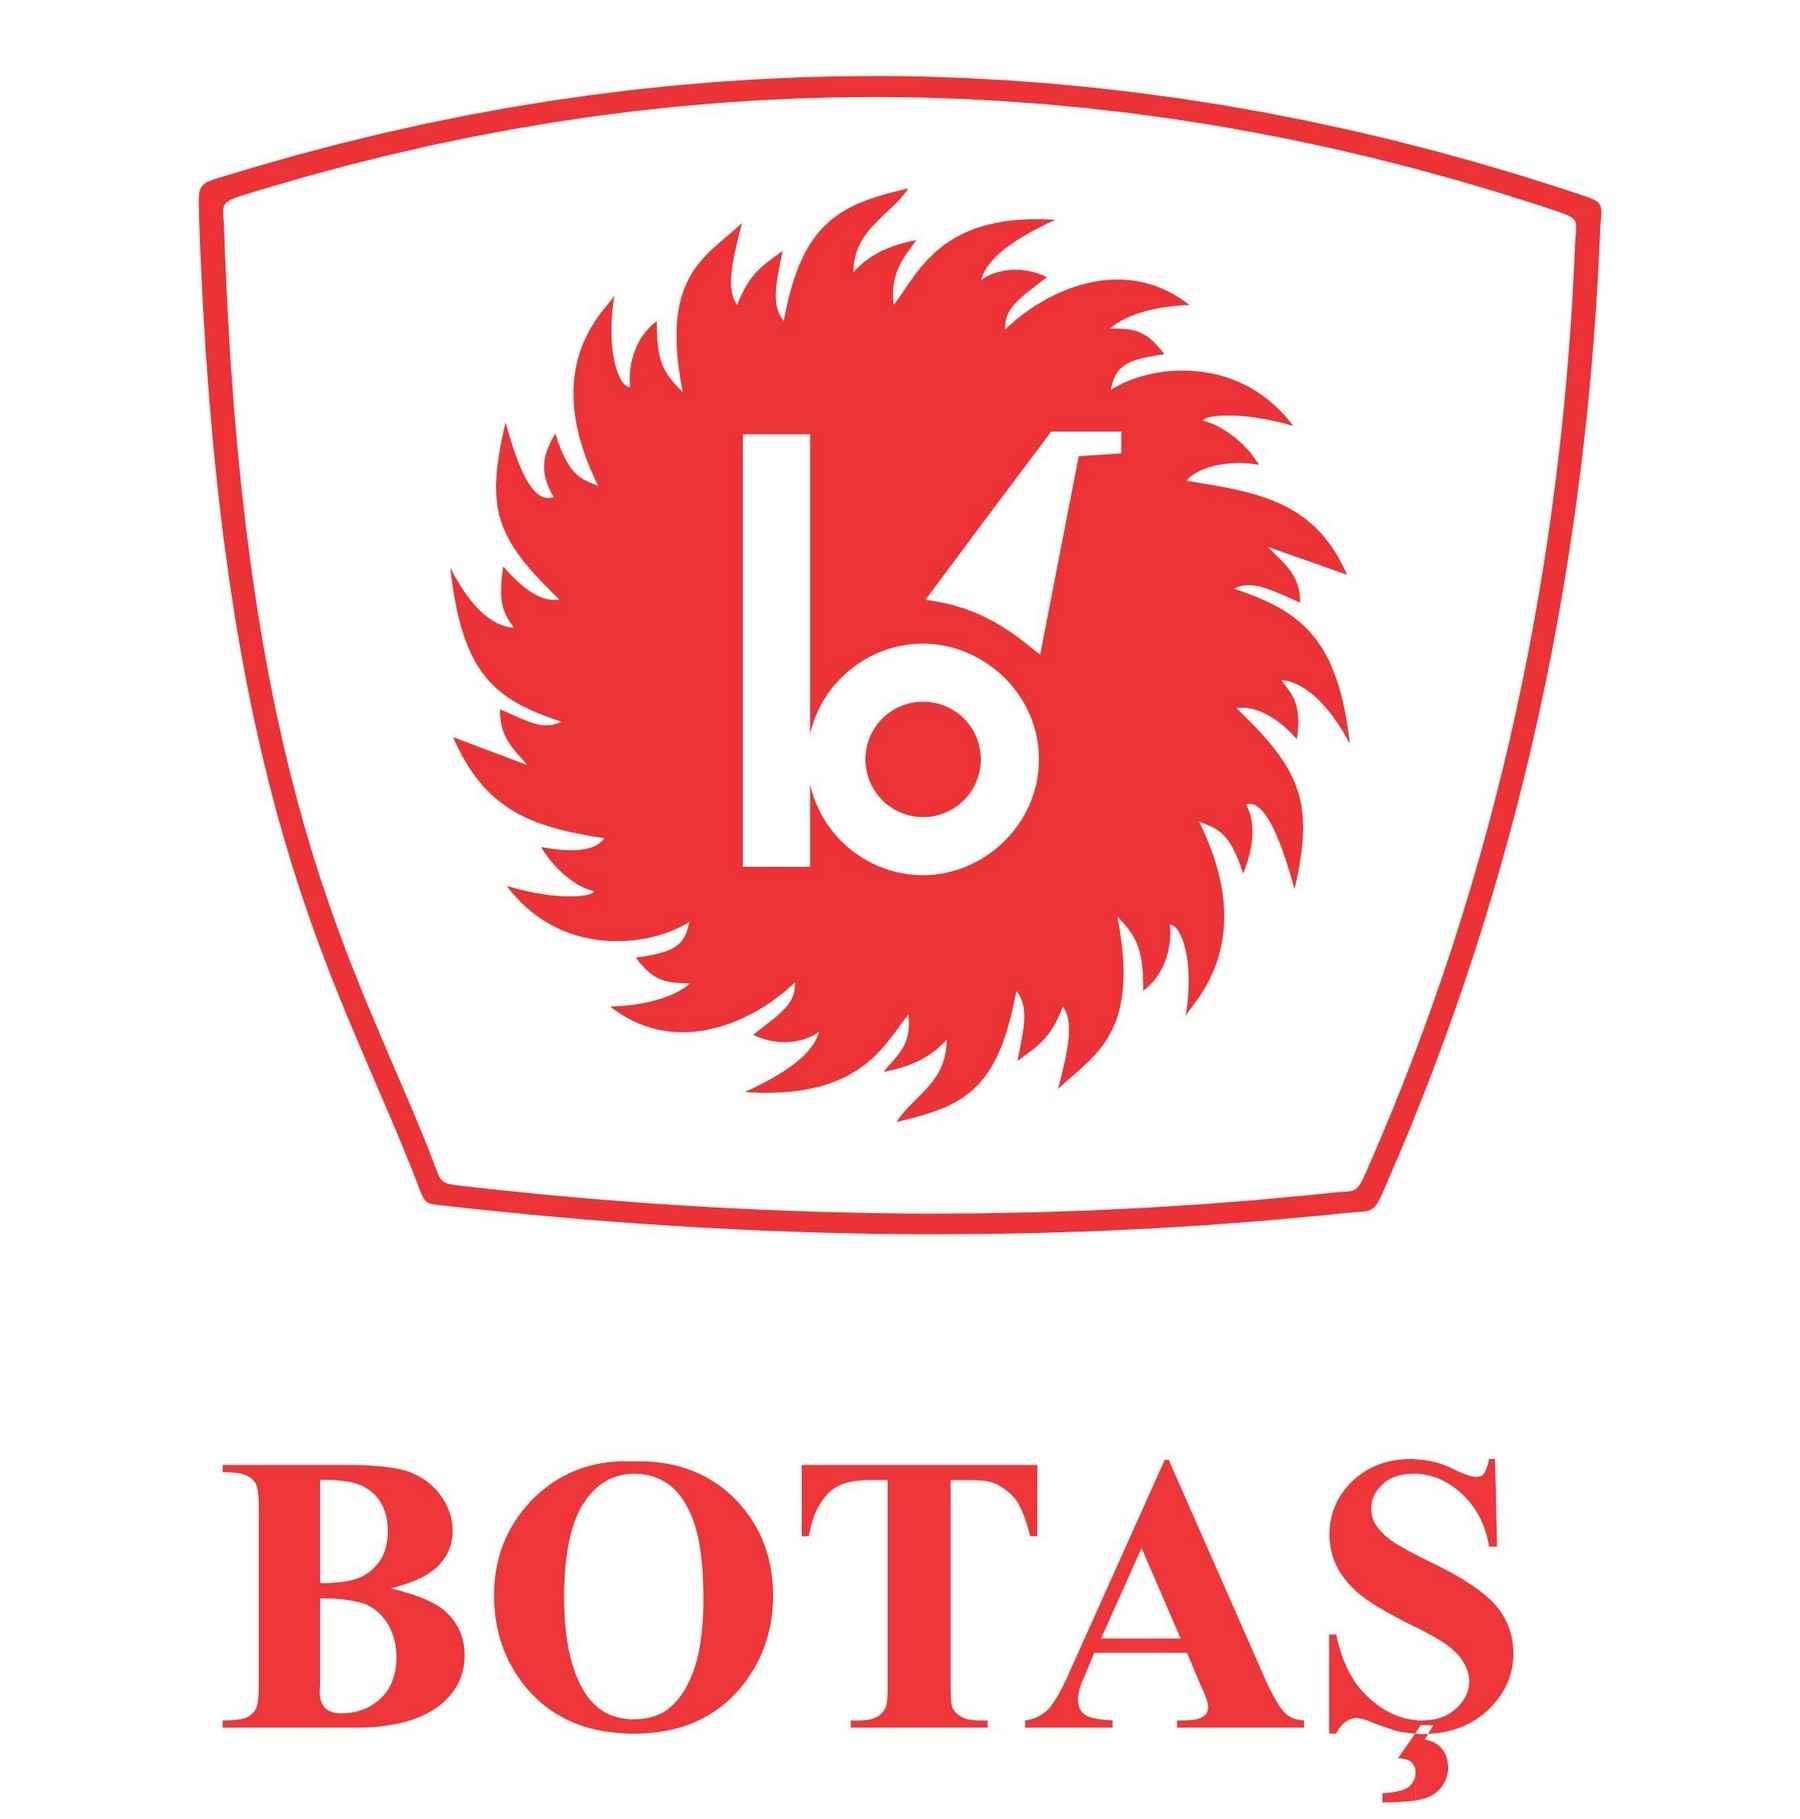 botaş logo ile ilgili görsel sonucu